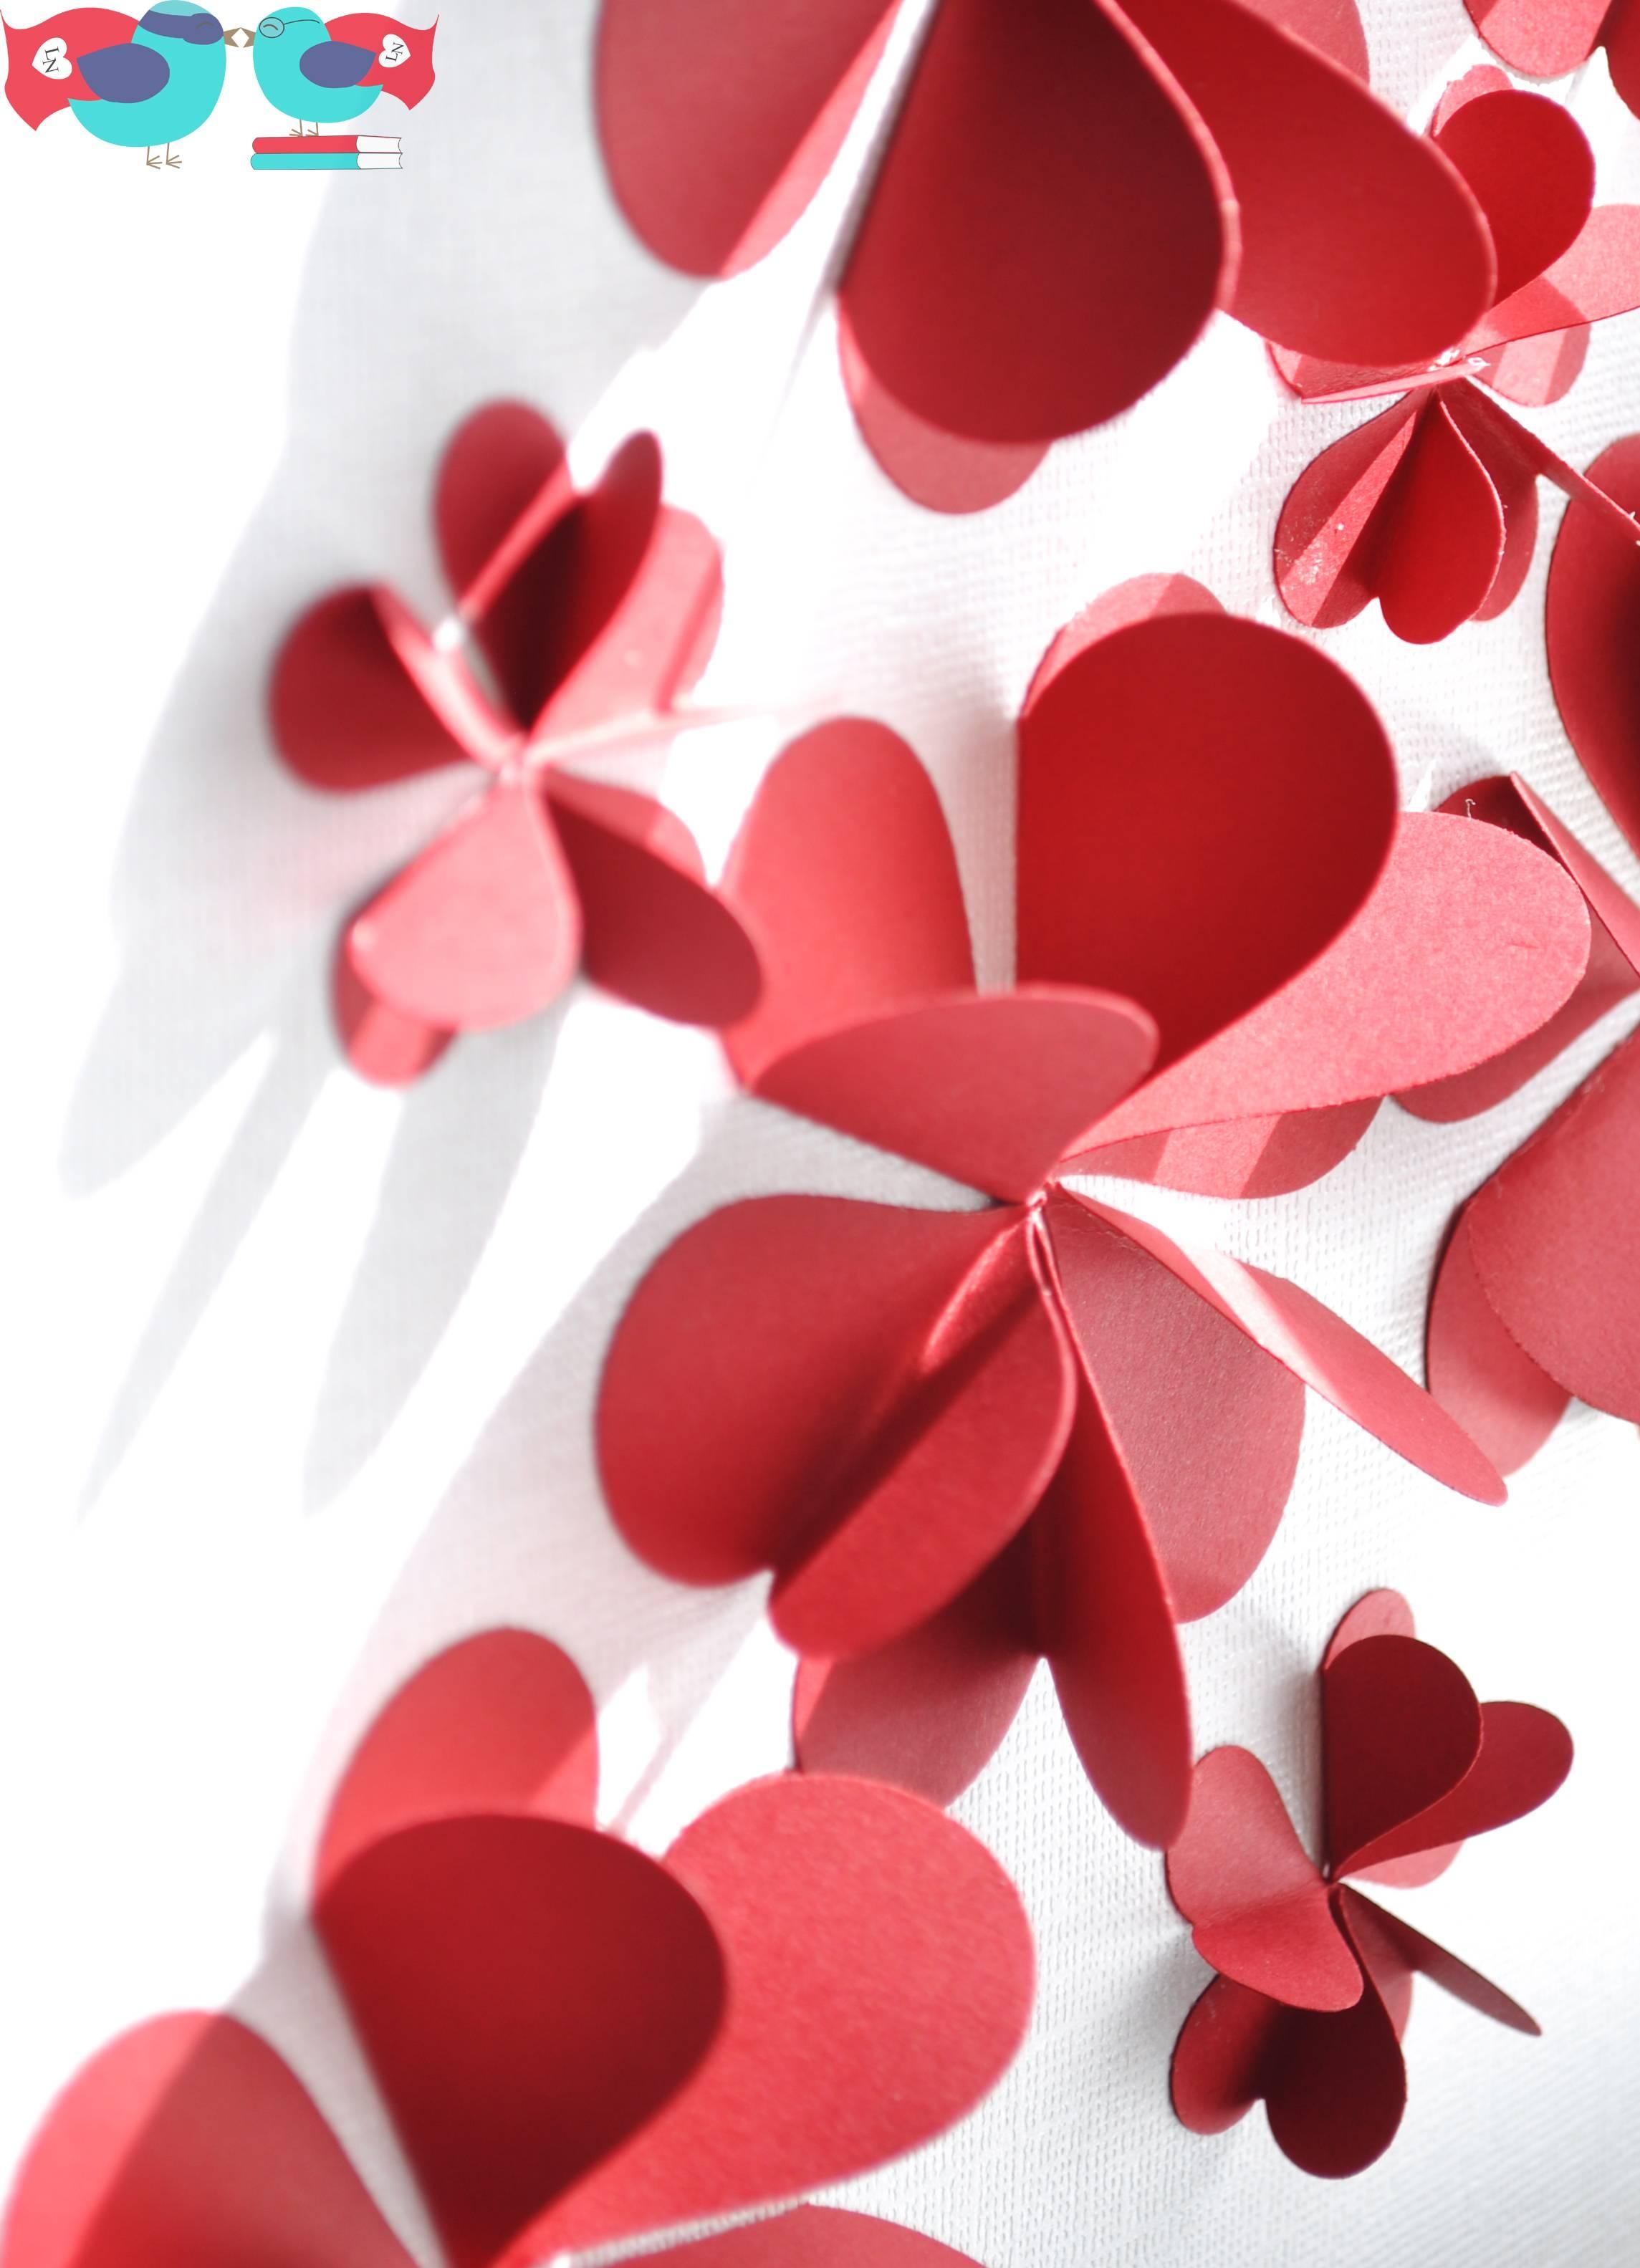 Outstanding Flower Burst 3D Metal Wall Art Home Decor Wall Sticker Throughout Latest Diy 3D Paper Wall Art (View 17 of 20)